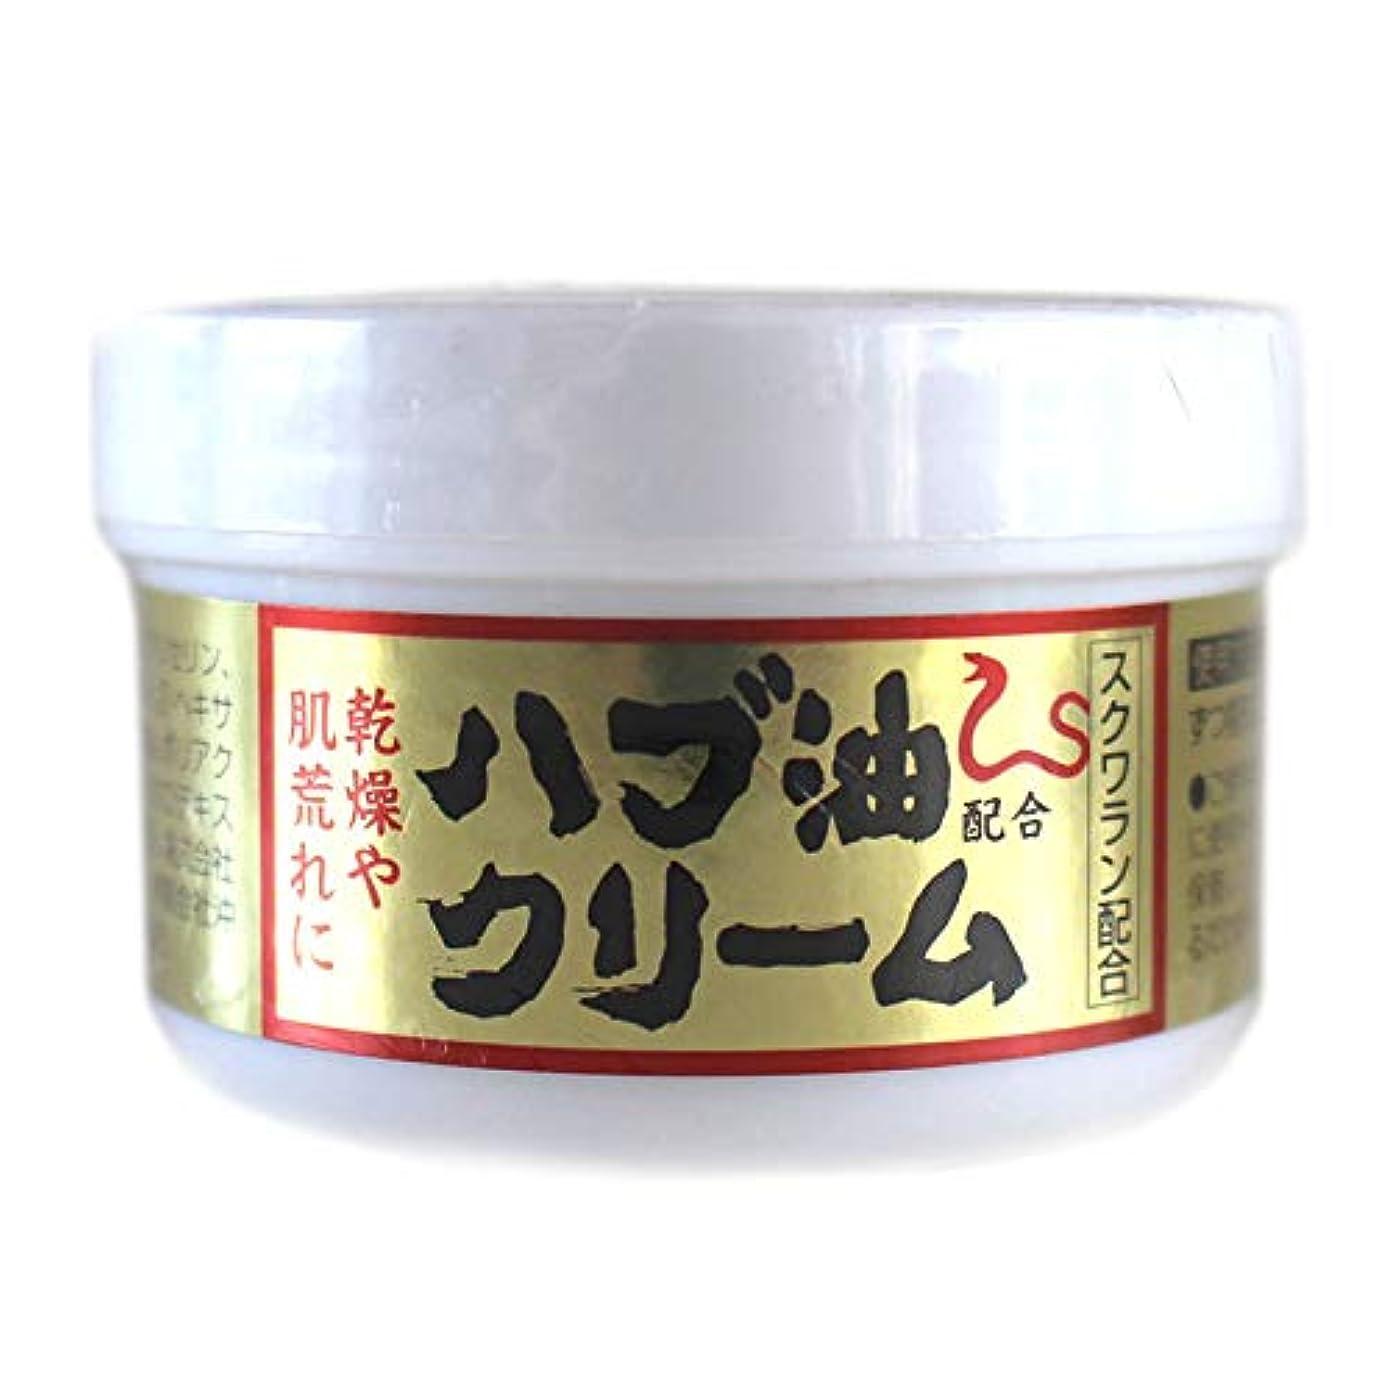 中にバナー苦味ハブ油配合クリーム 5個【1個?50g】